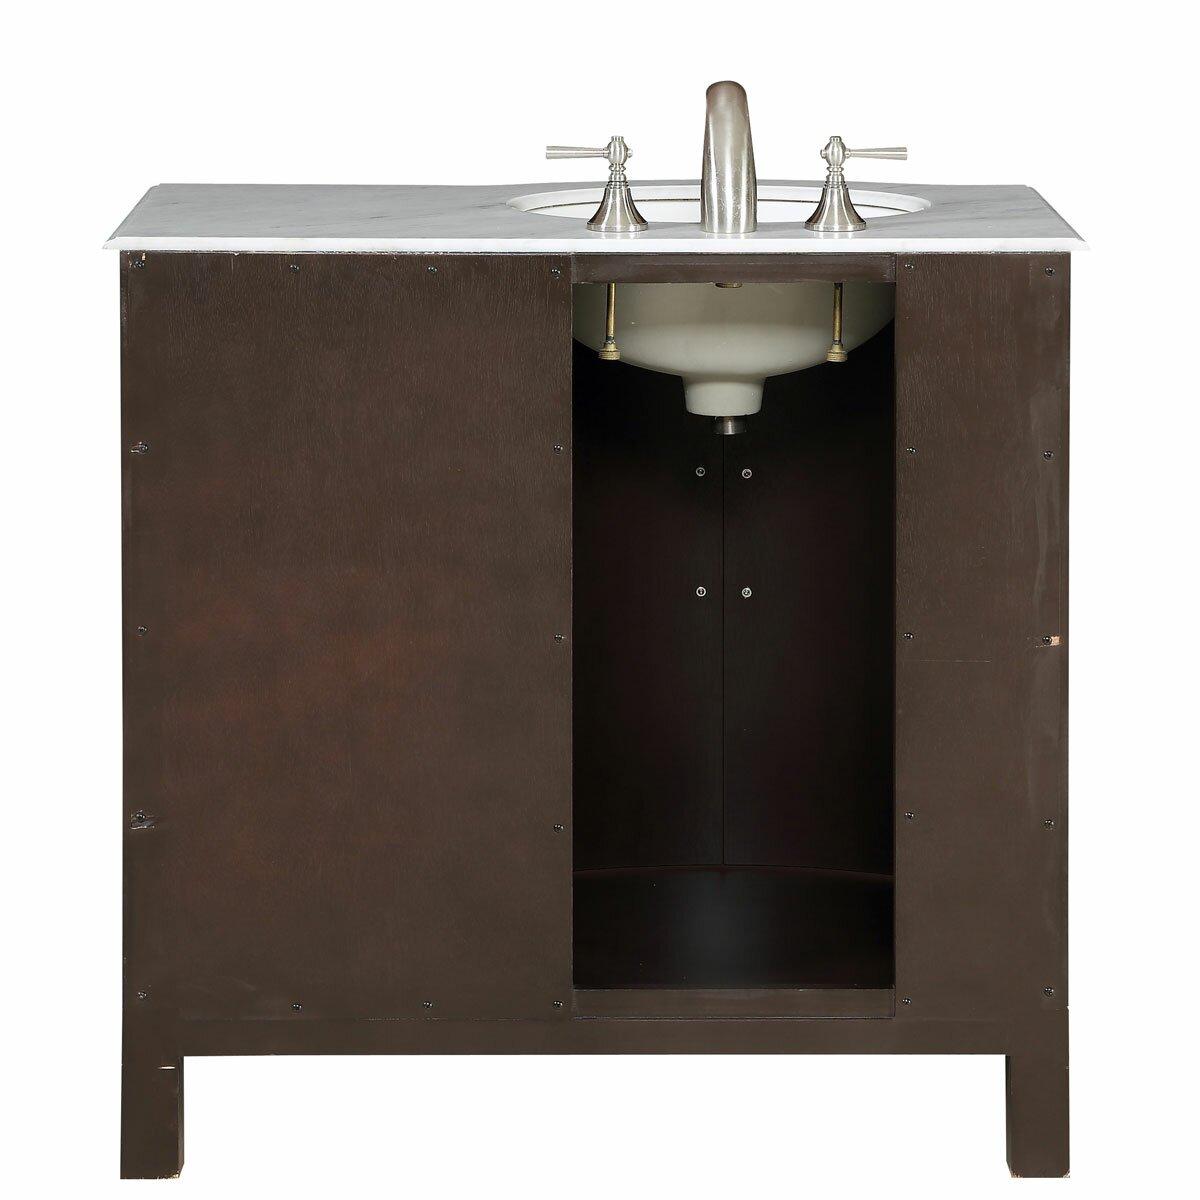 Silkroad Exclusive Kimberly 36 Single Bathroom Vanity Set Reviews Wayfair